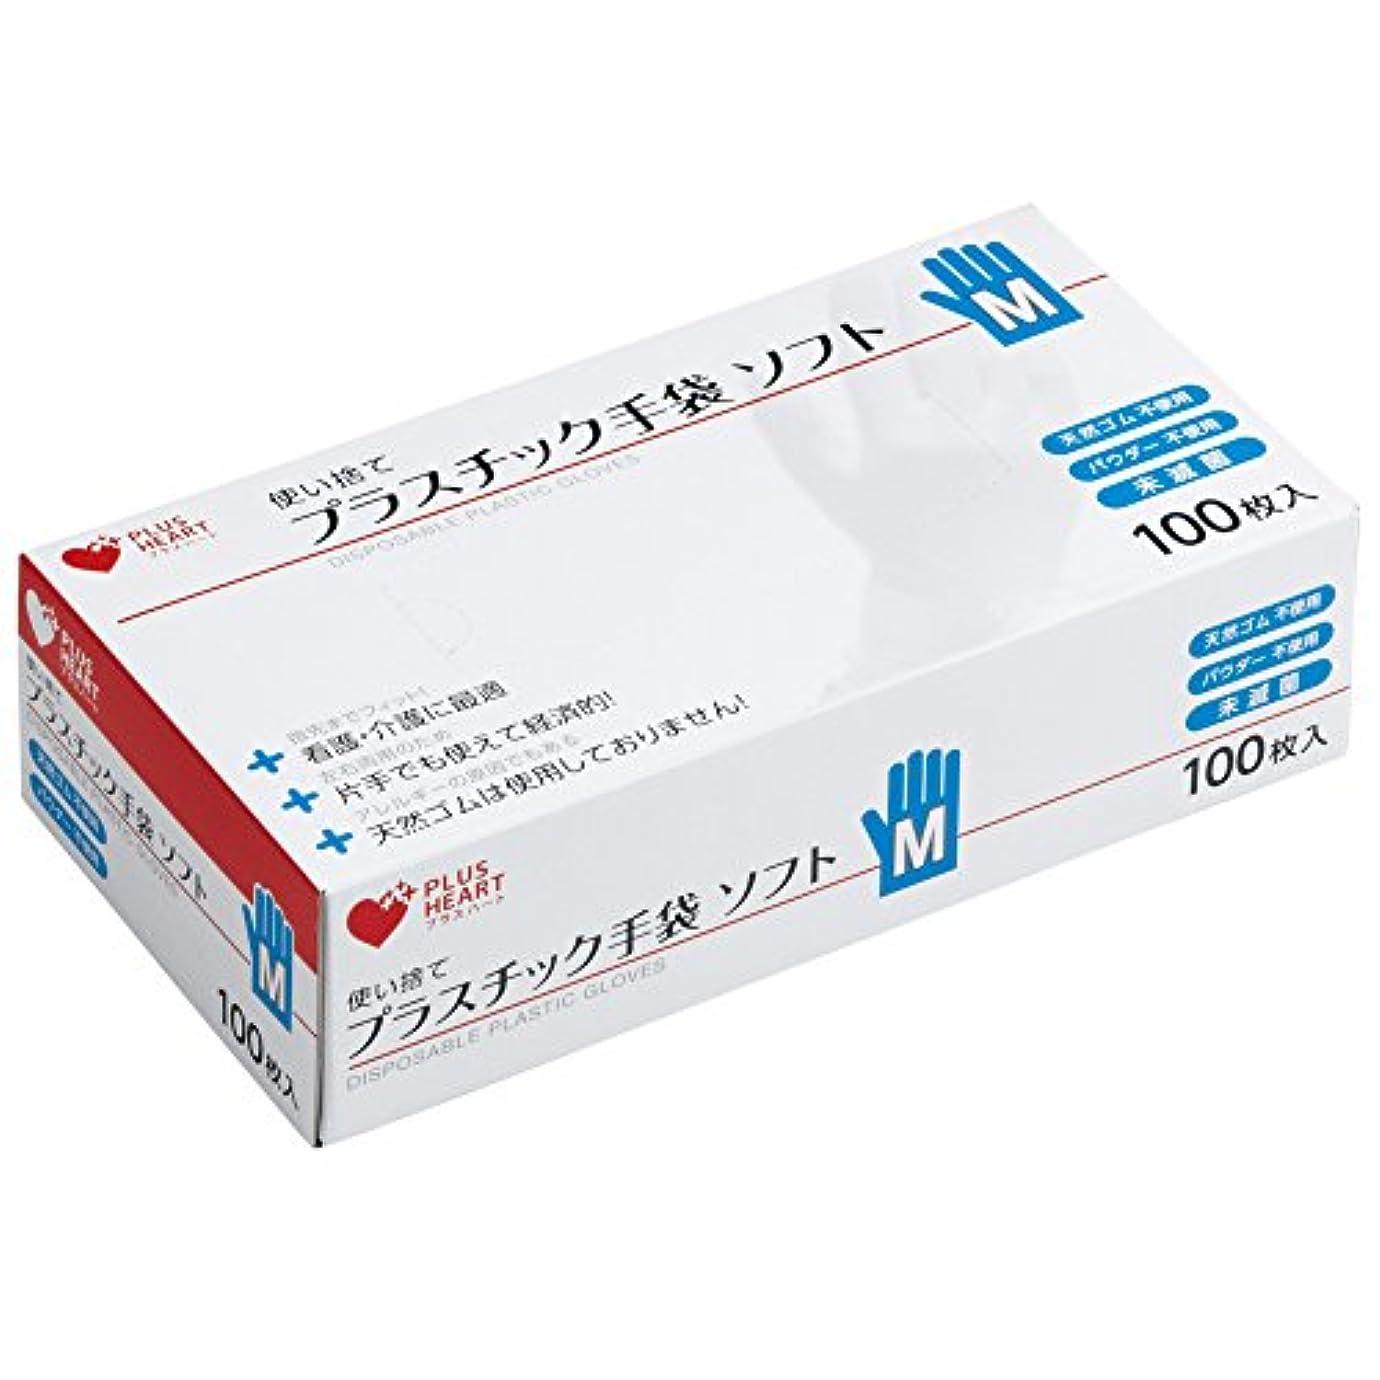 陰気崩壊流行しているオオサキメディカル プラスハート 使い捨てプラスチック手袋 ソフト Mサイズ 100枚入